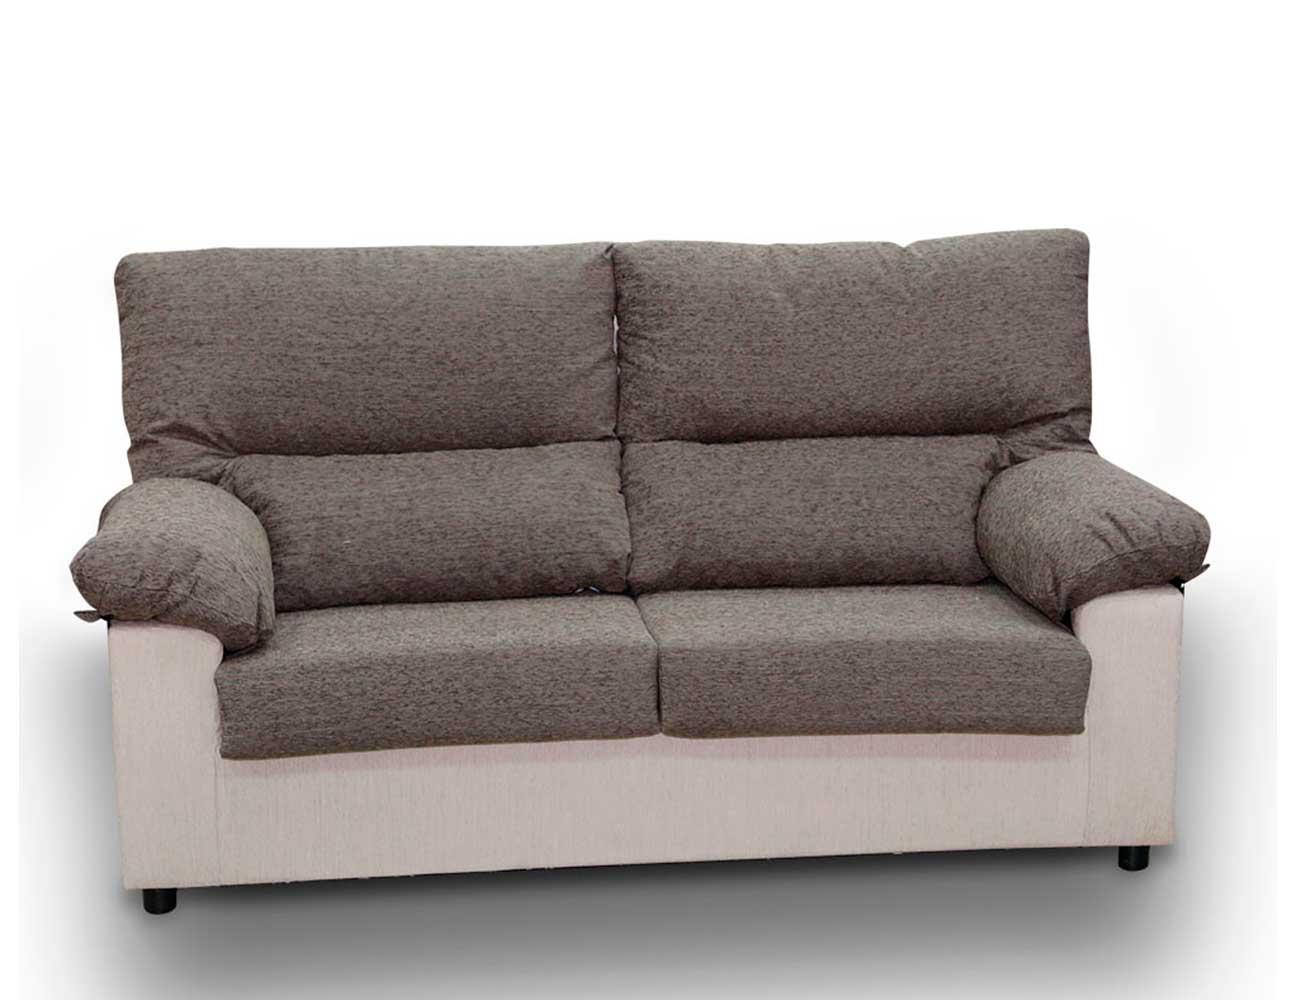 Sof de 3 plazas de calidad y buen precio 6500 factory for Sofa cama 1 plaza barato